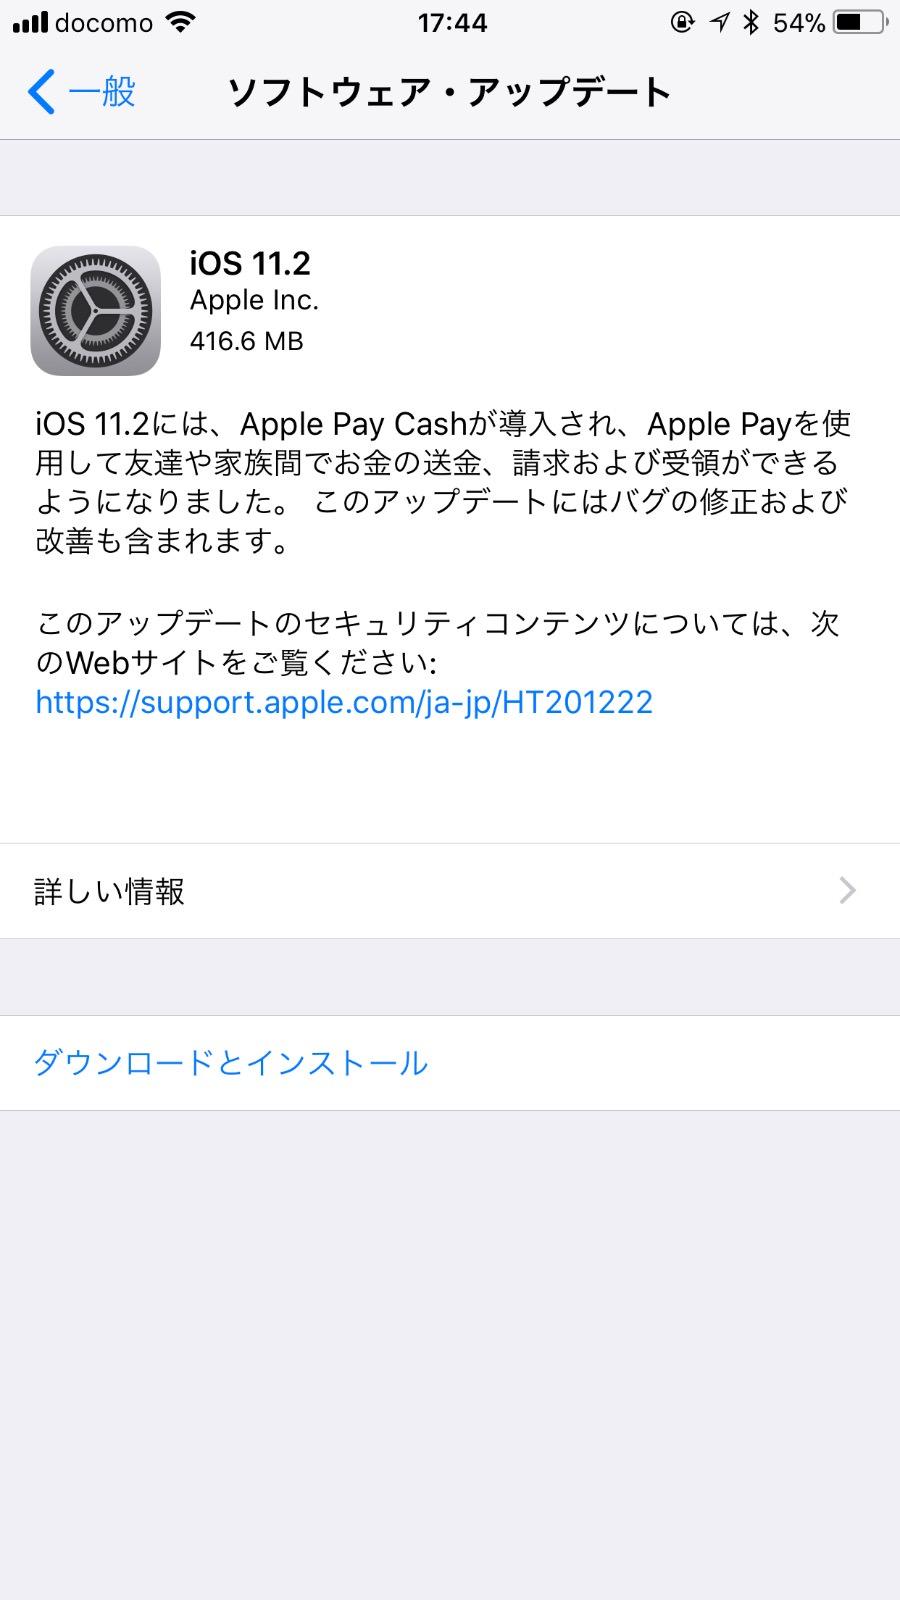 「iOS 11.2 ソフトウェアアップデート」リリース 〜iPhoneが繰り返し再起動する不具合にも対応